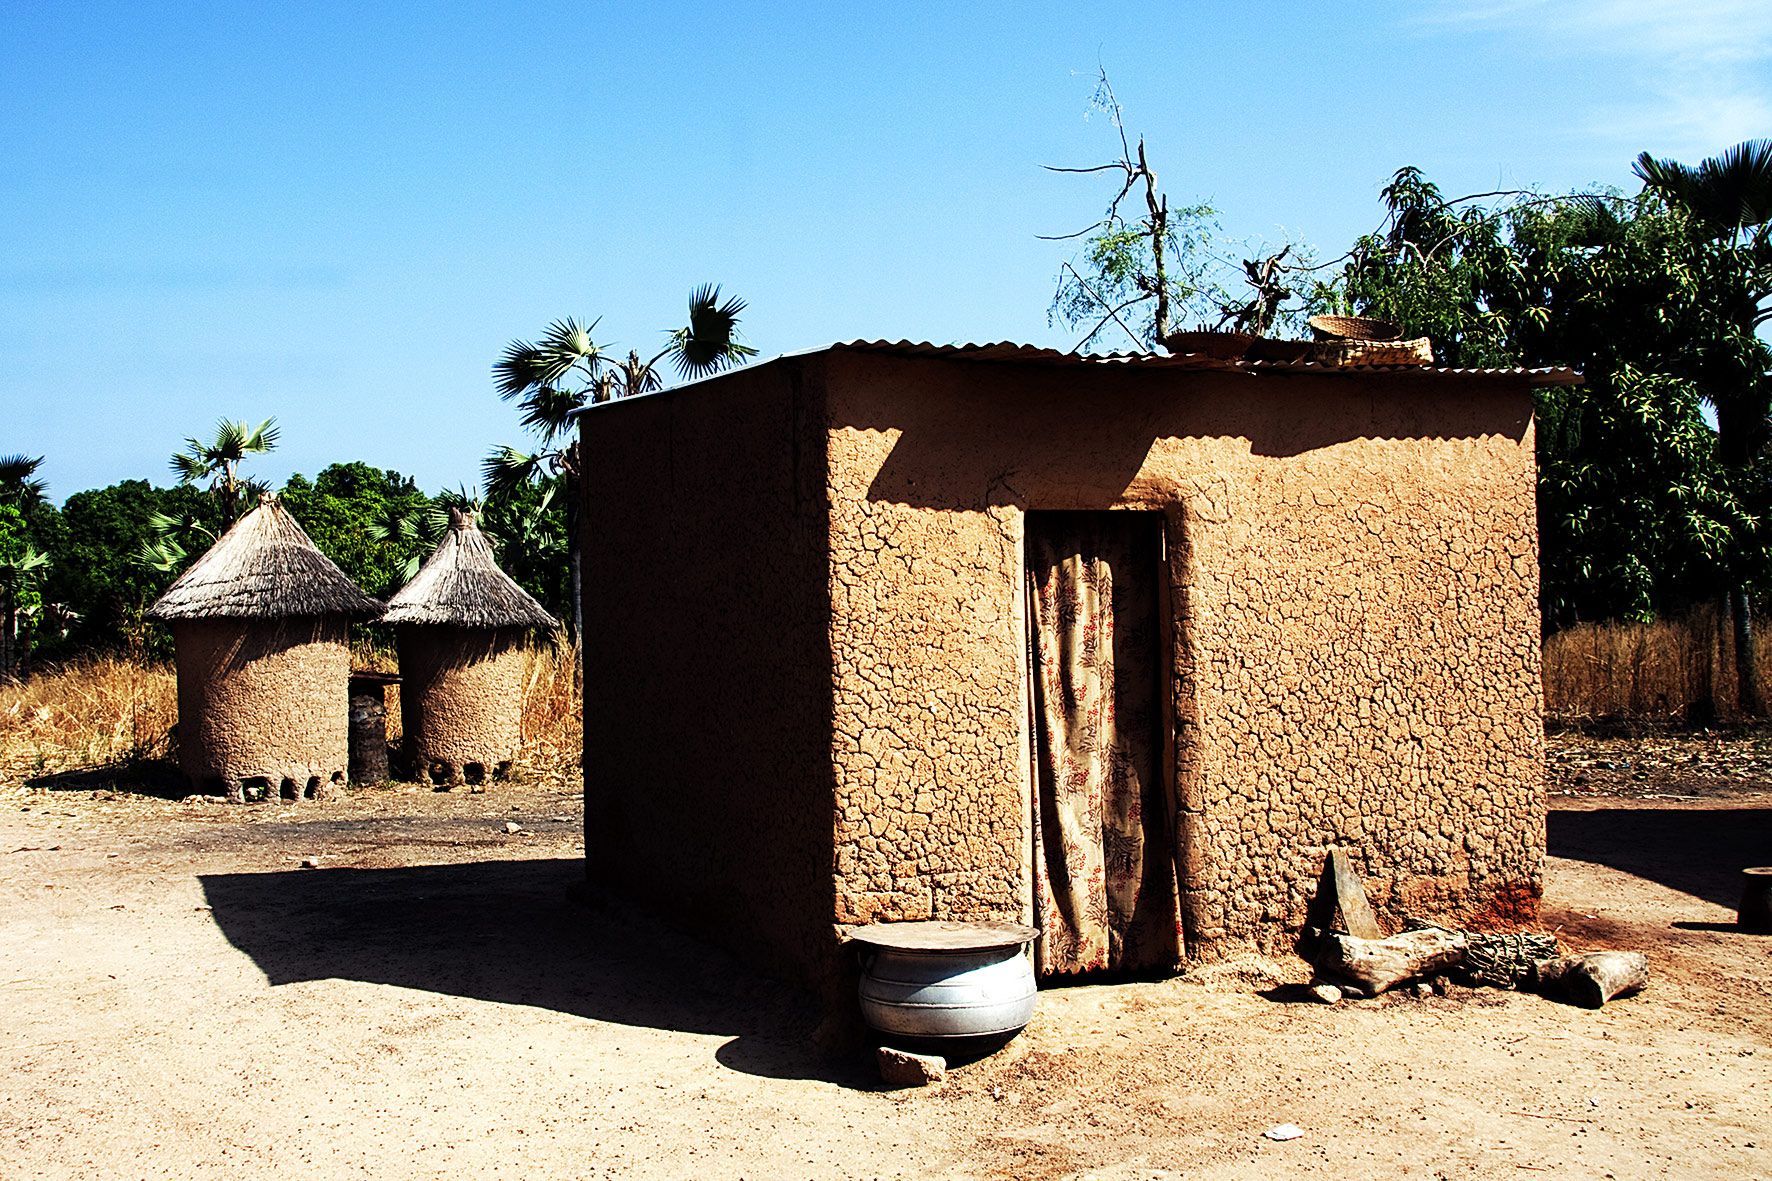 #Afrique 22. Burkina Faso, Banfora. 2010